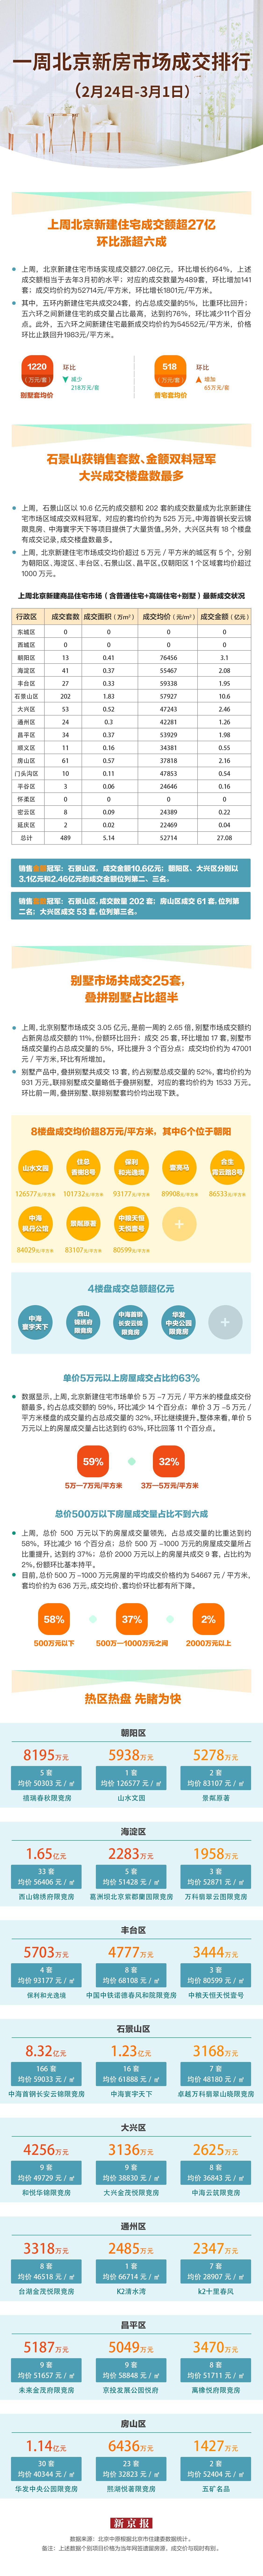 """上周北京新建住宅市场""""回温"""" 4楼盘成交额均超亿元图片"""